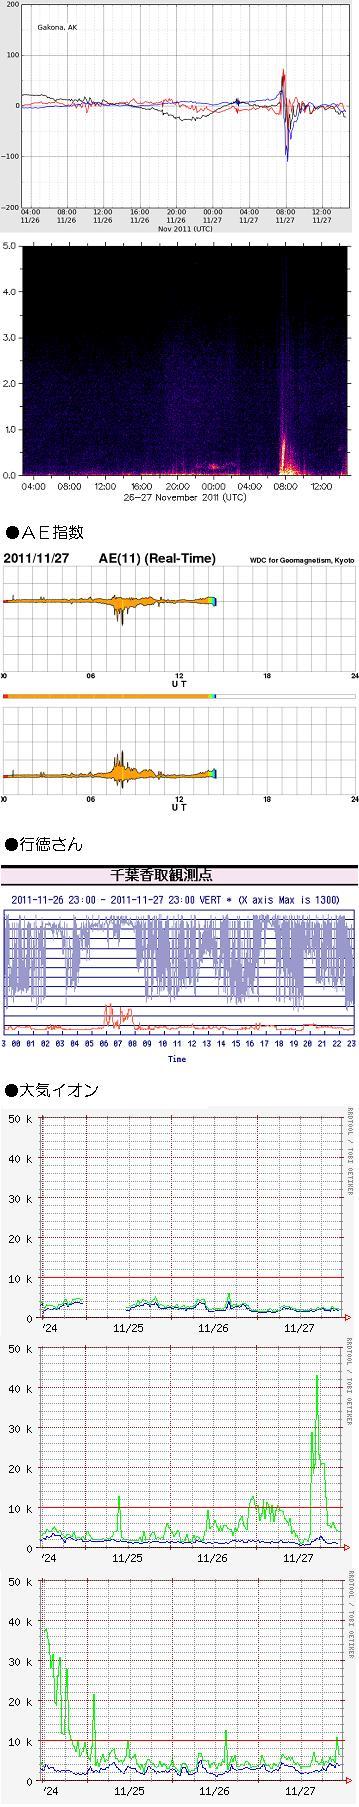 1128-1 データ